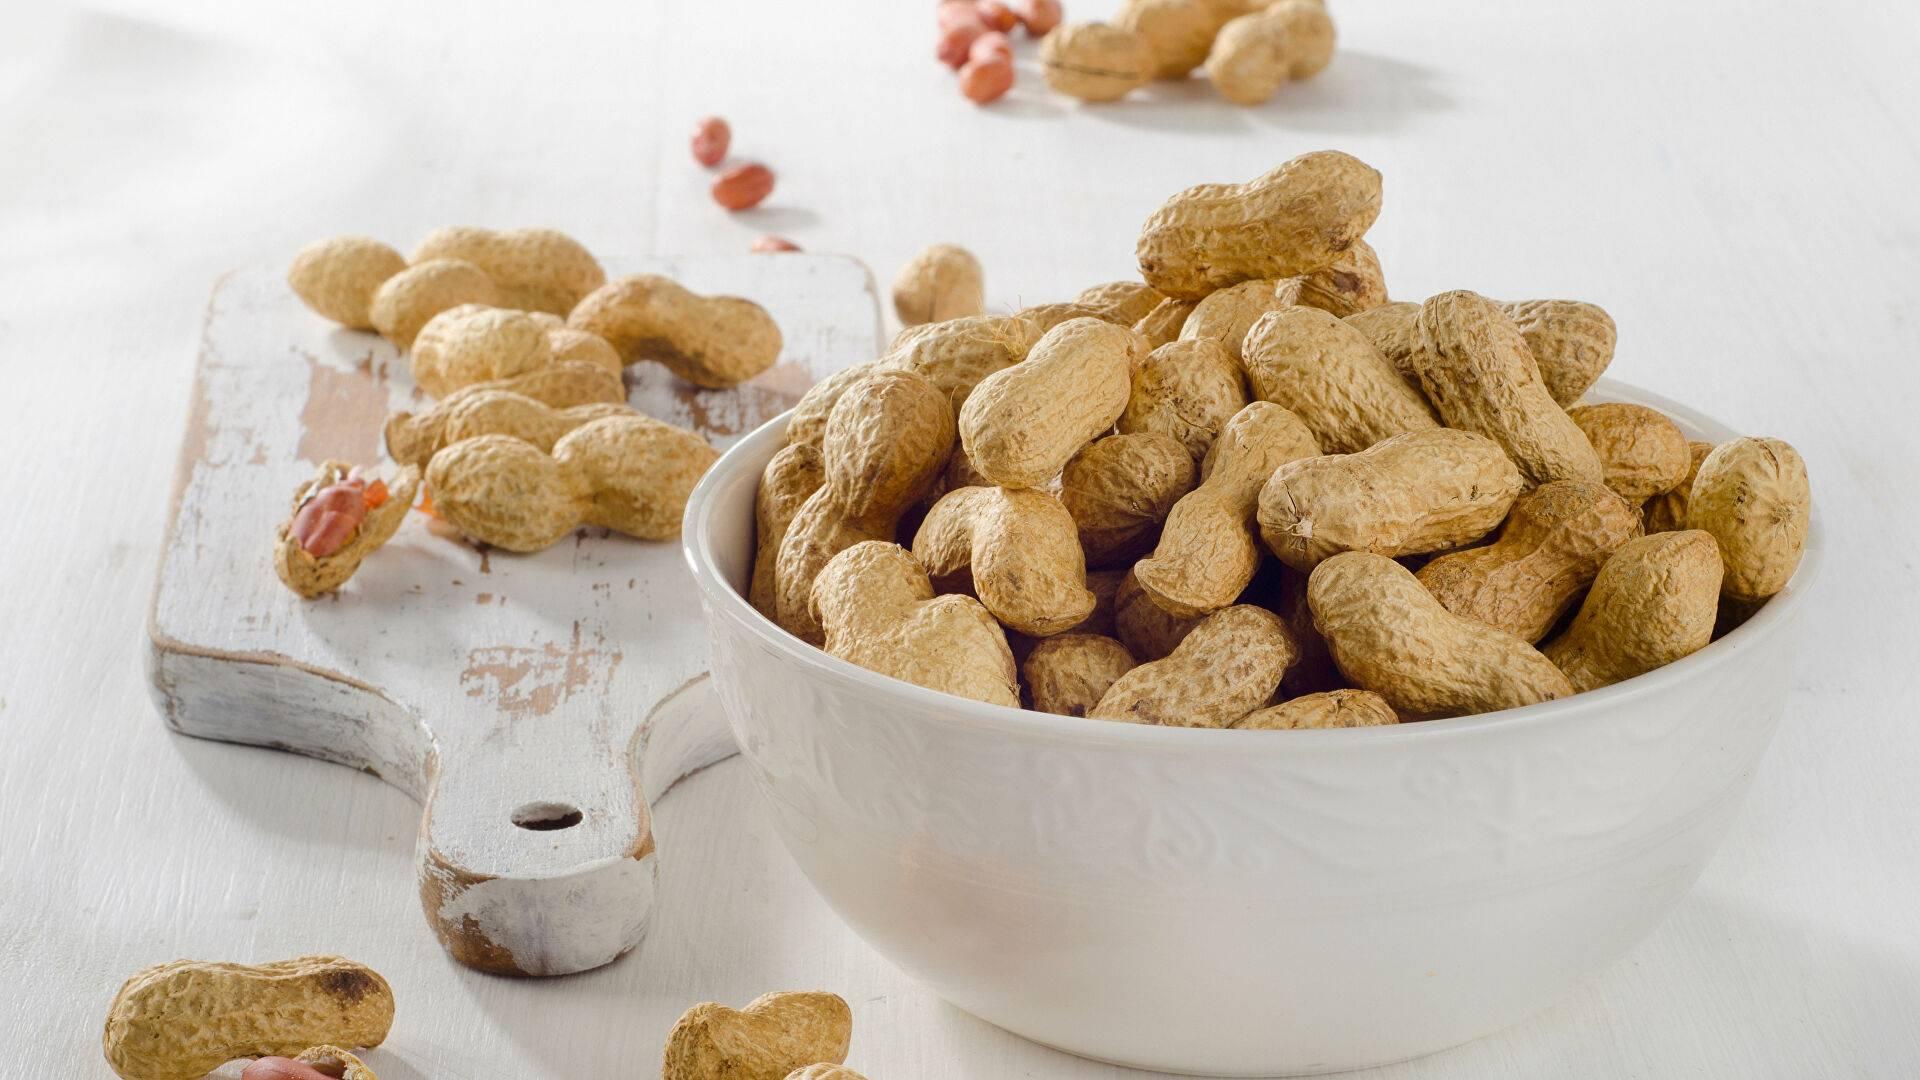 Можно ли давать орехи собакам? 13 фото какие орехи собакам есть не вредно, а какие категорически нельзя? вредны ли для собак грецкие орехи и фундук, макадамия и арахис, кешью и миндаль?